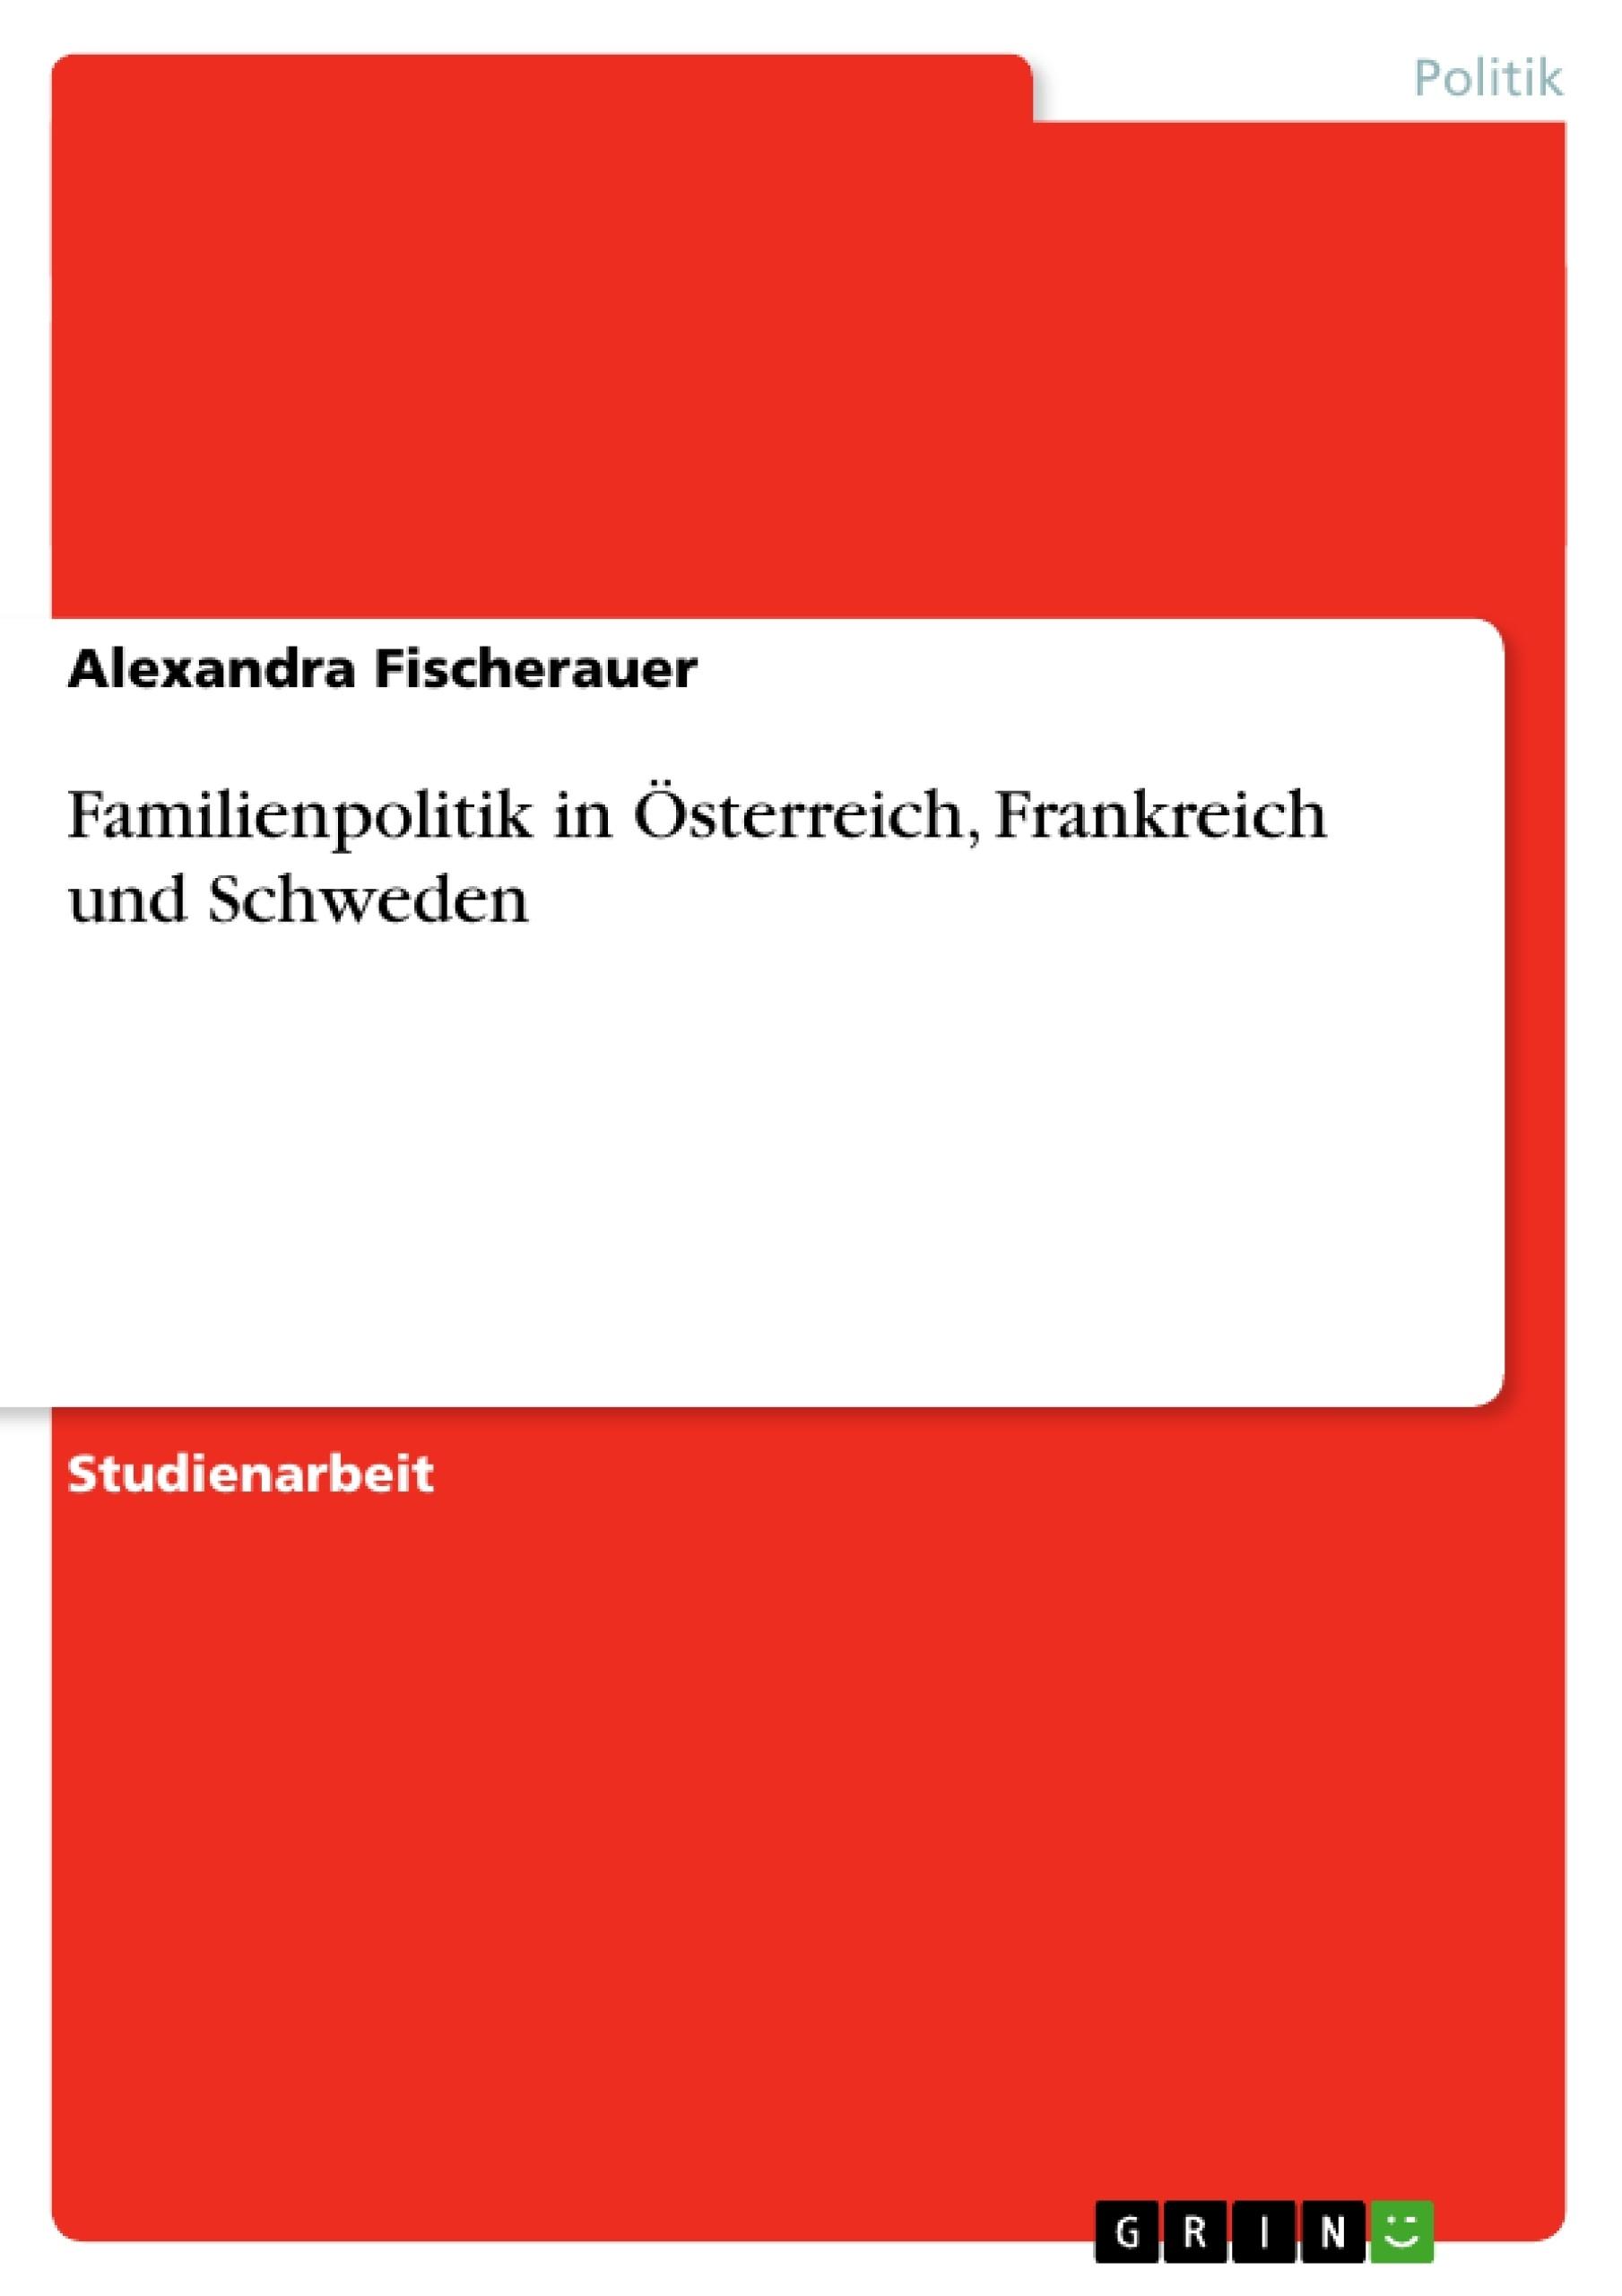 Titel: Familienpolitik in Österreich, Frankreich und Schweden